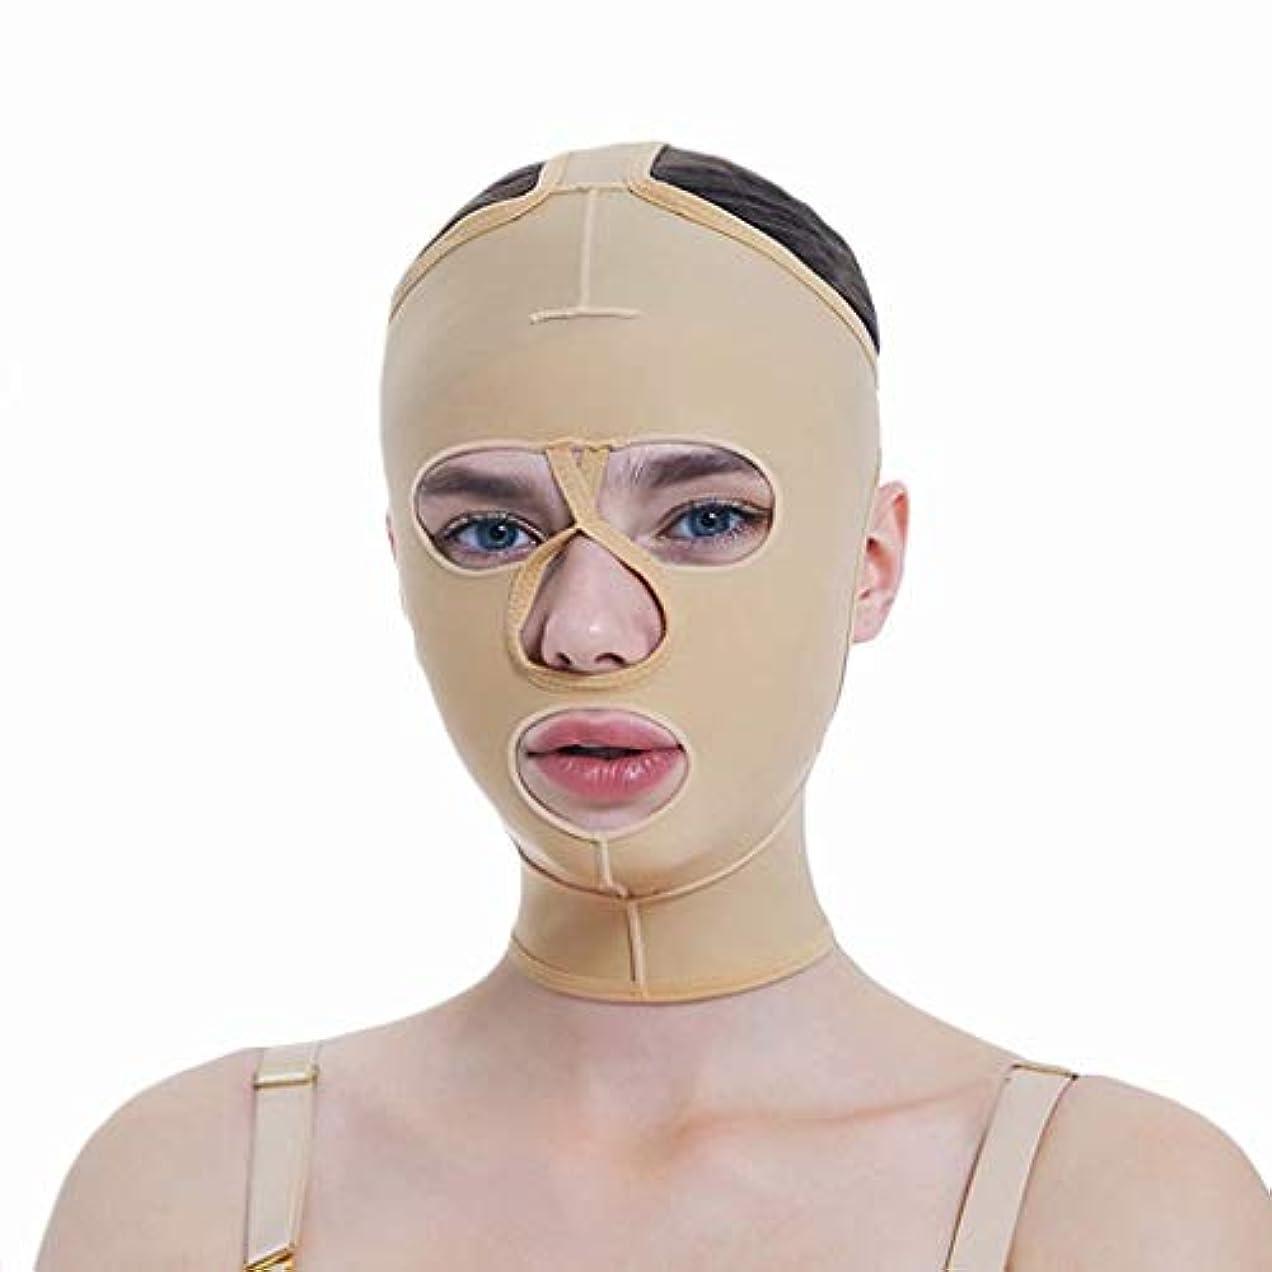 請う感度累積フェイシャル減量マスク、フルカバレッジ包帯、フルフェイスリフティングマスク、フェイスマスク、快適で リフティングシェーピング(サイズ:S),XXL